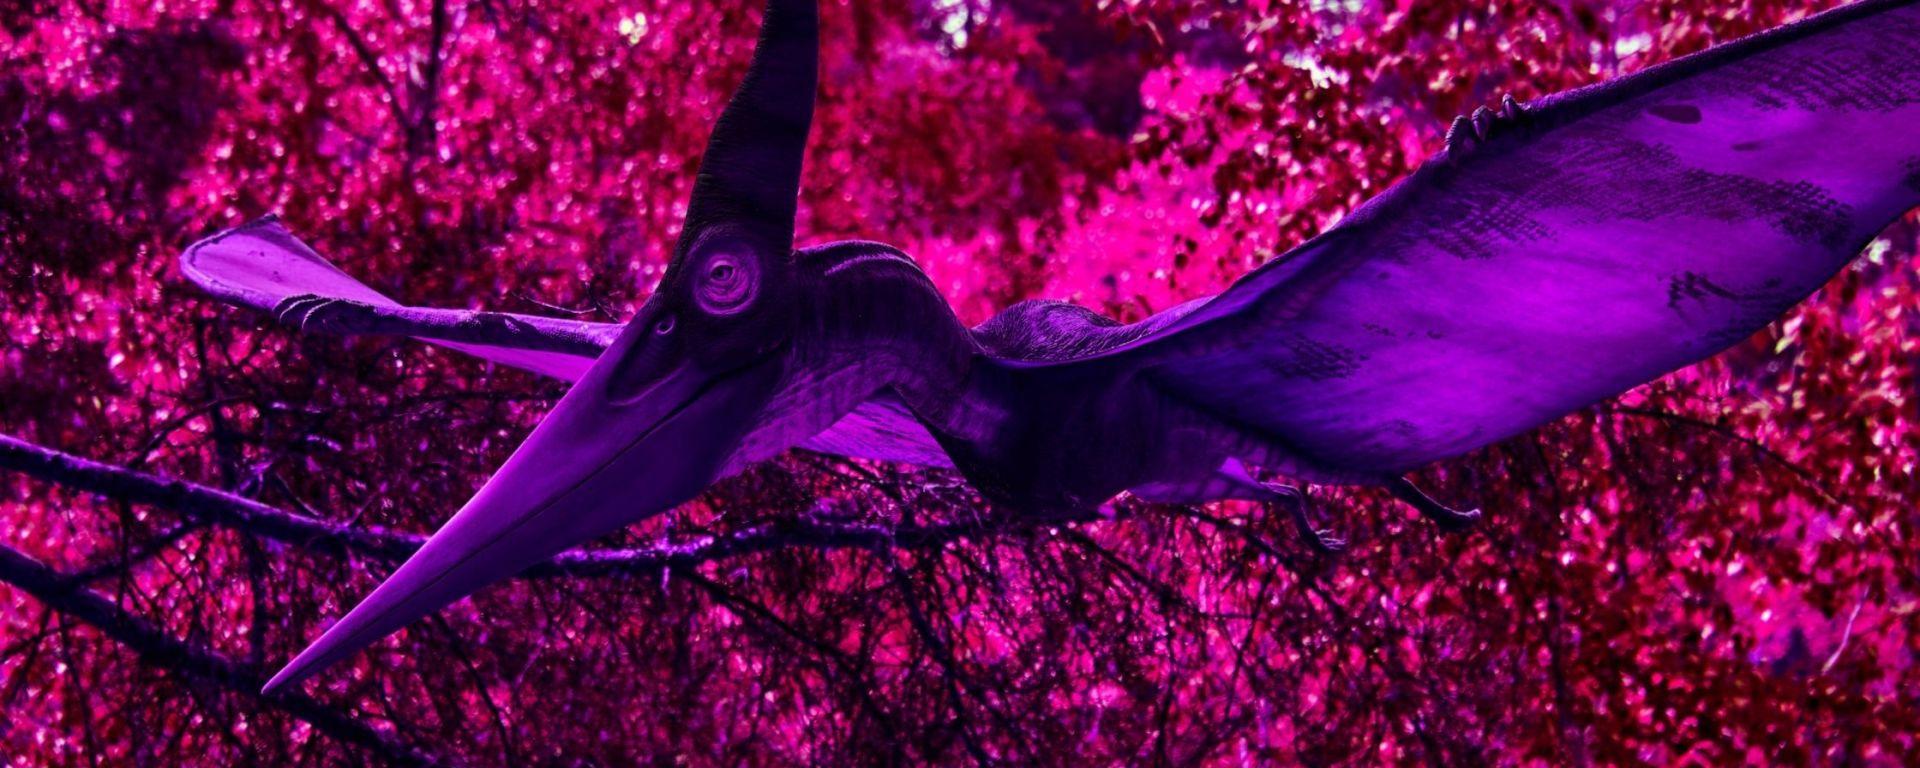 Pterosaur-The Scientific Triangle